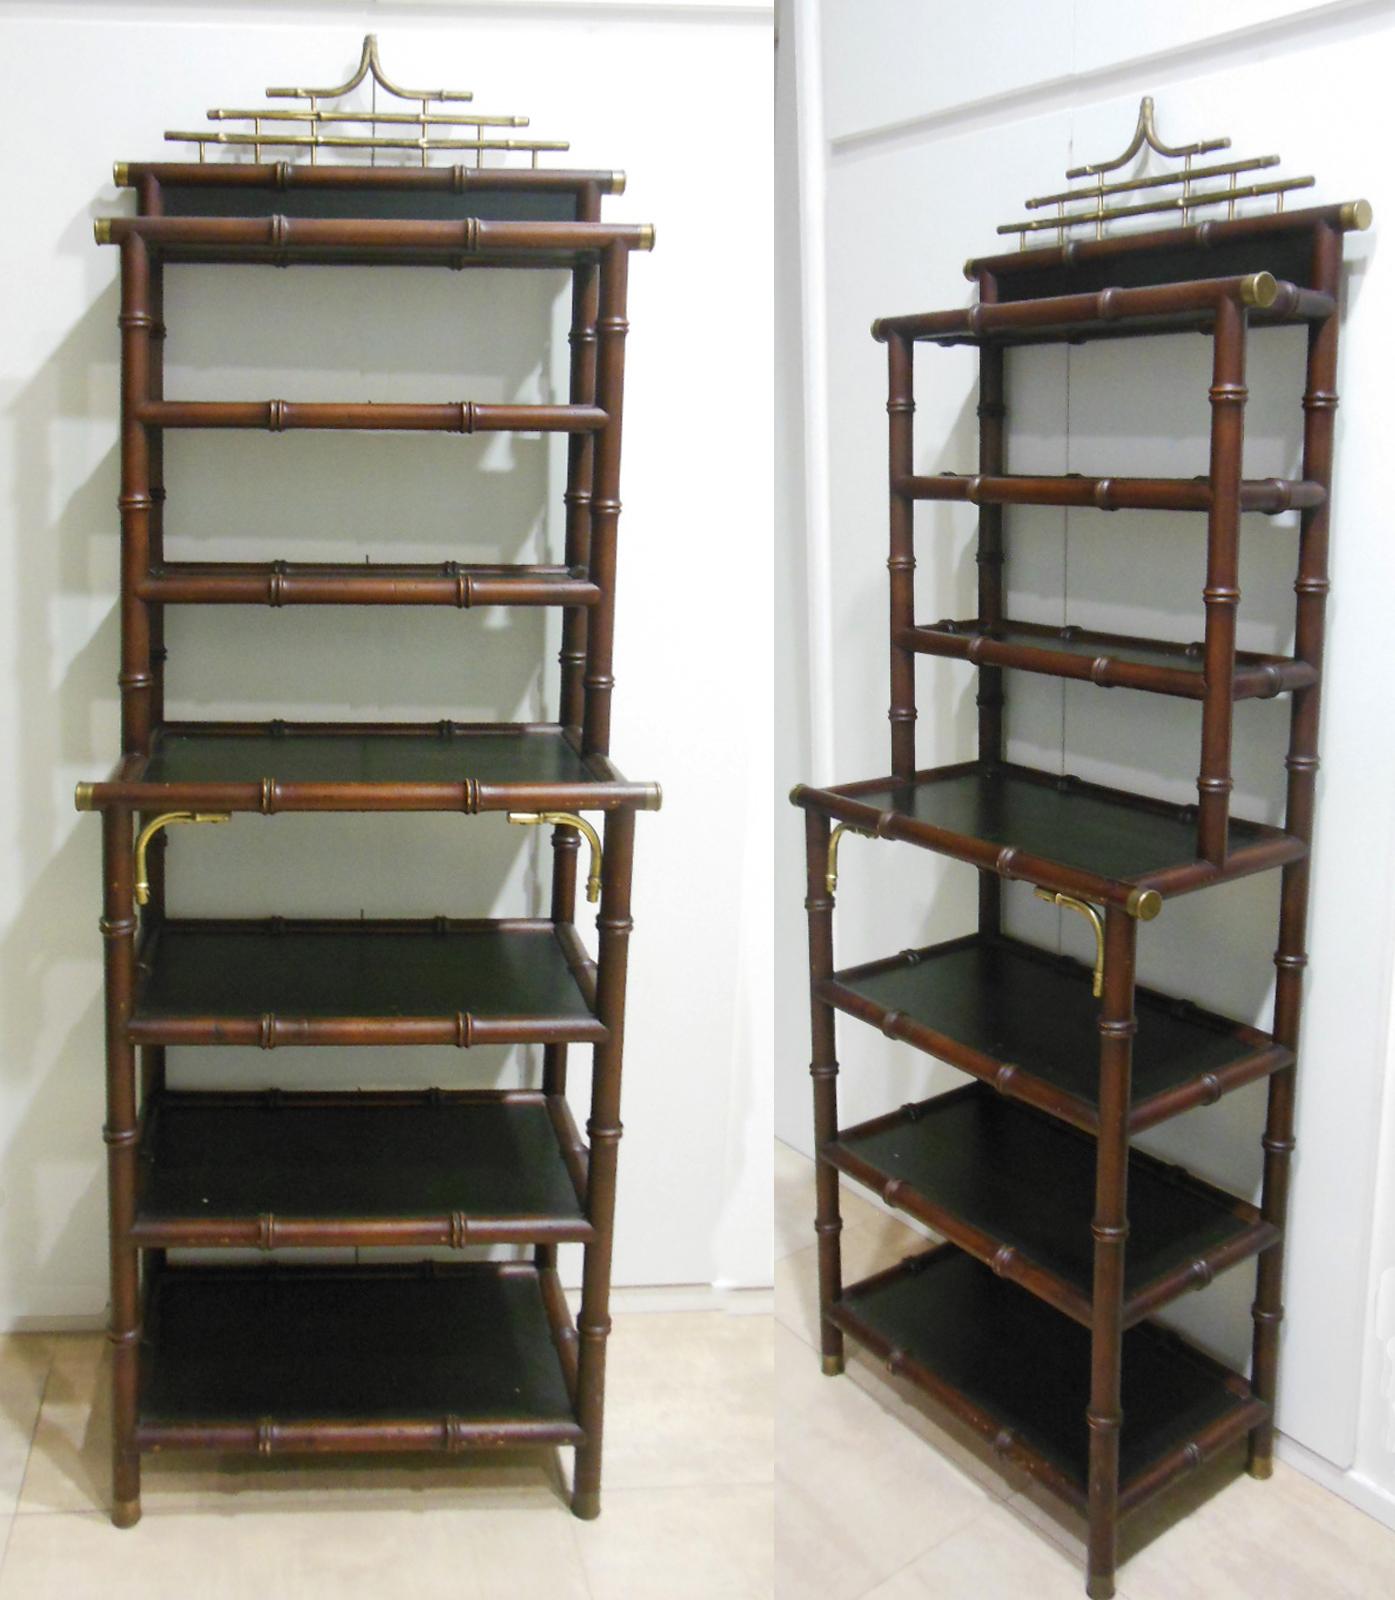 estanteria de madera exotica estilo oriental em nadera bronce imtando a bambu